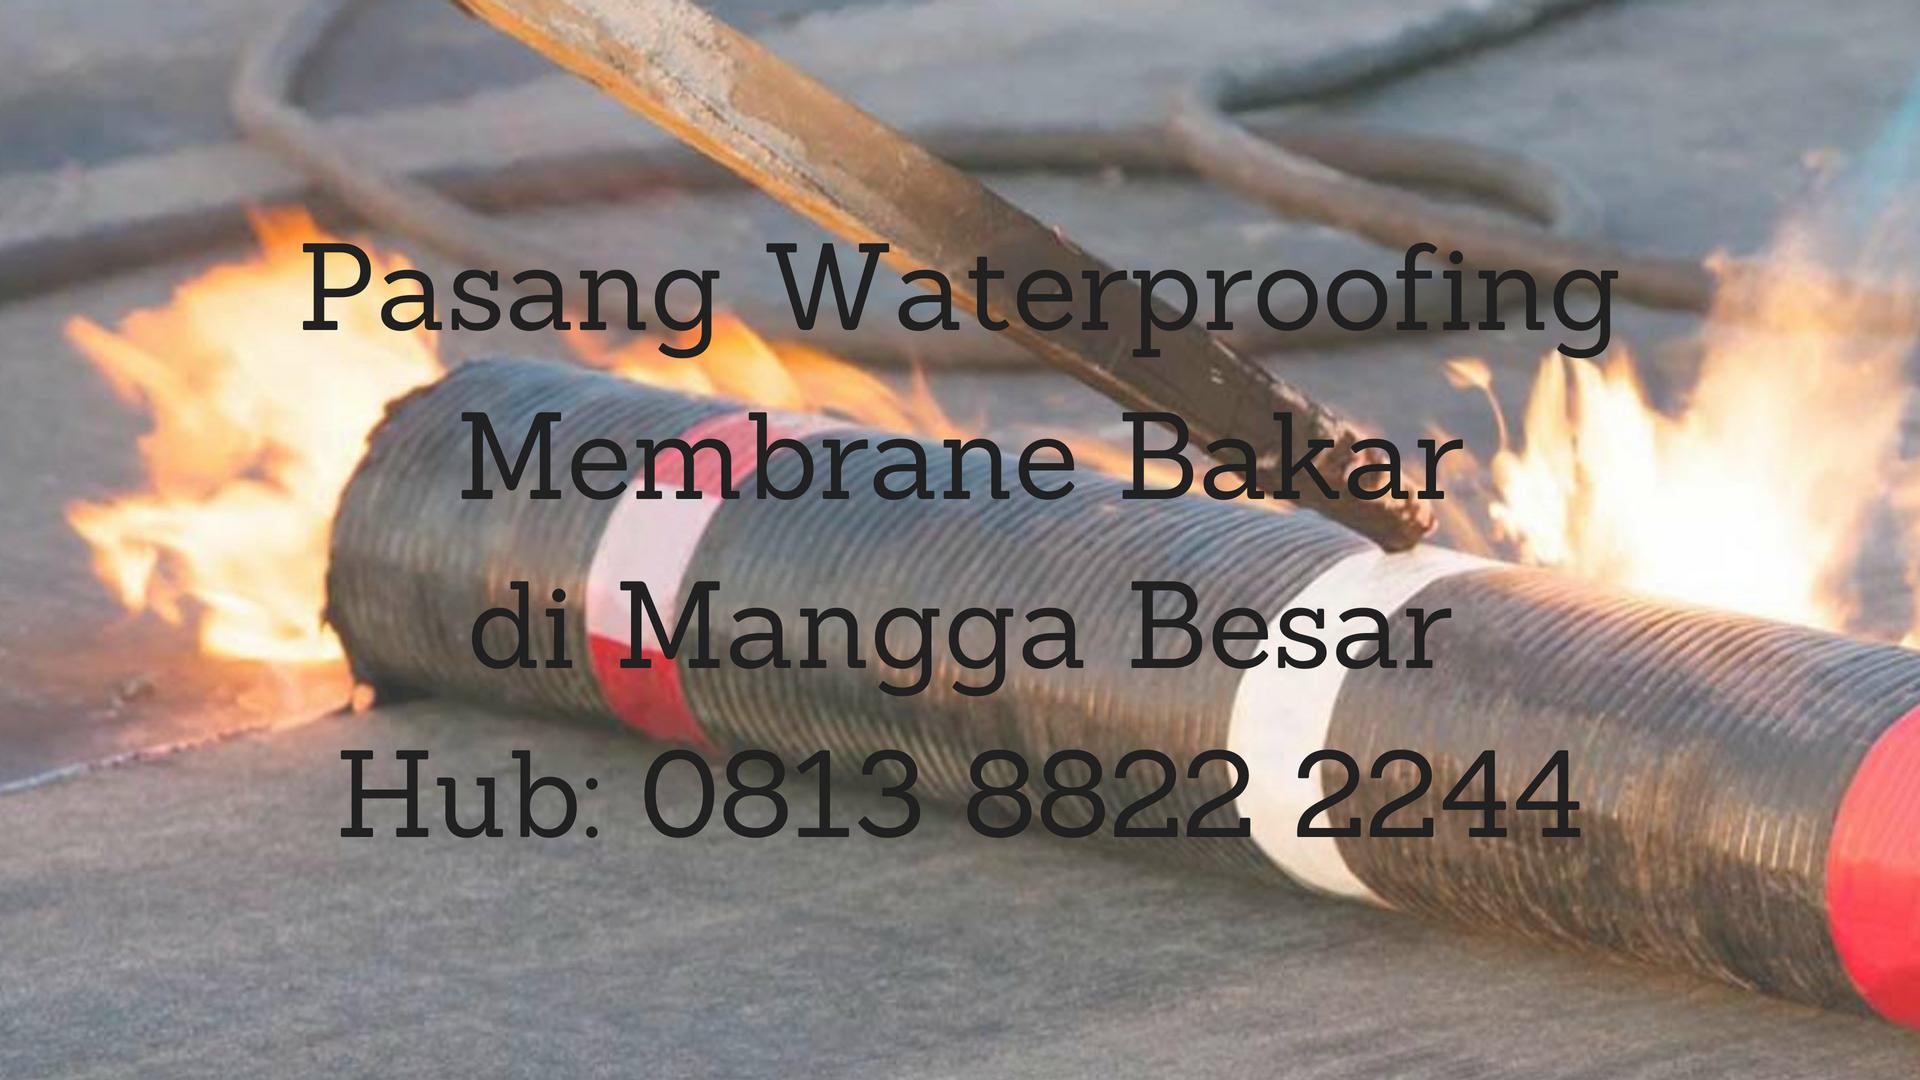 PASANG WATERPROOFING MEMBRANE BAKAR DI MANGGA BESAR. HUB: 0813 8822 2244